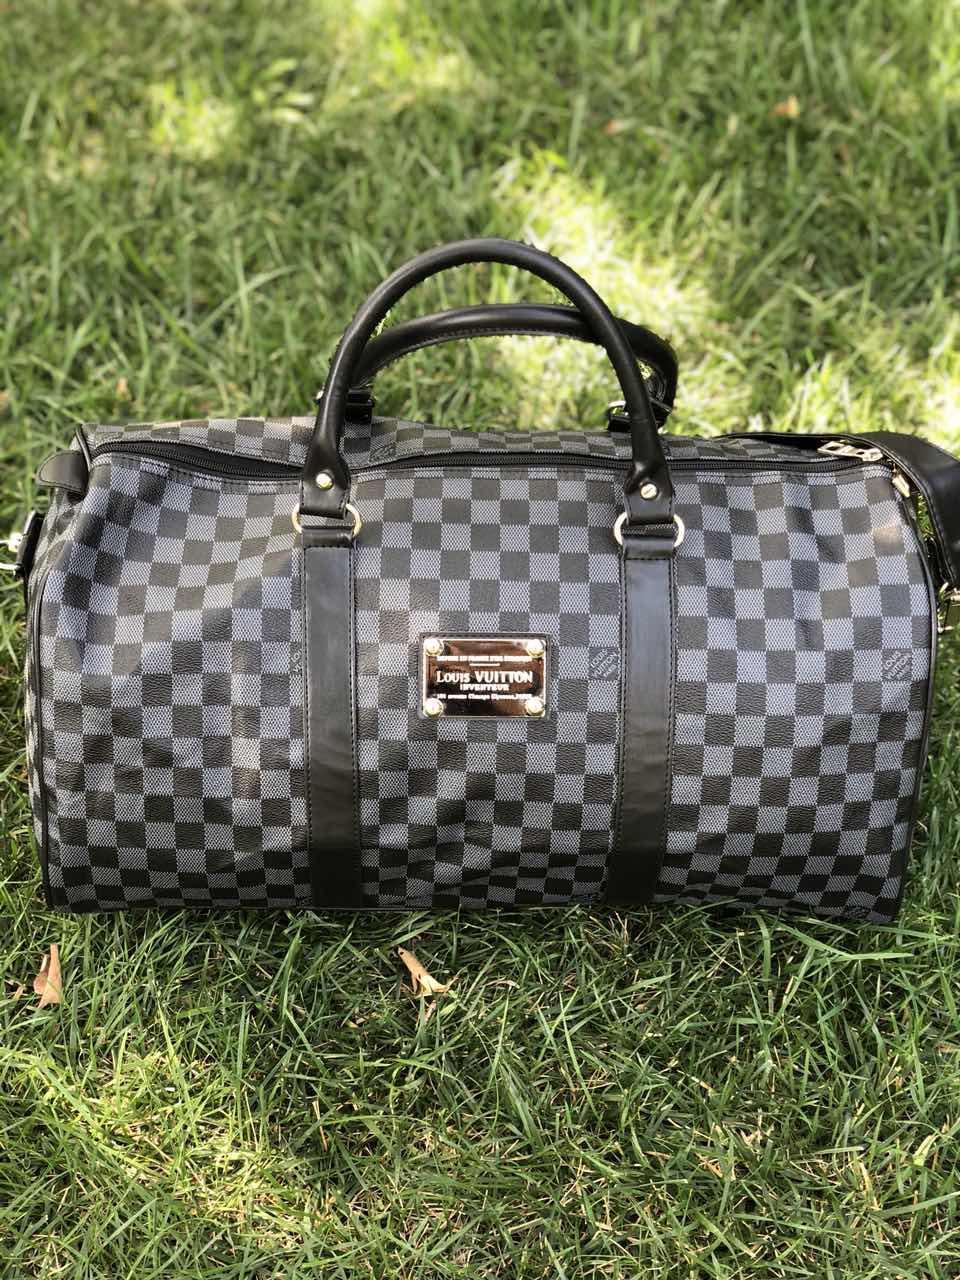 8fd235e24b96 Сумка саквояж Louis Vuitton D3764 серо-черная - купить по лучшей ...